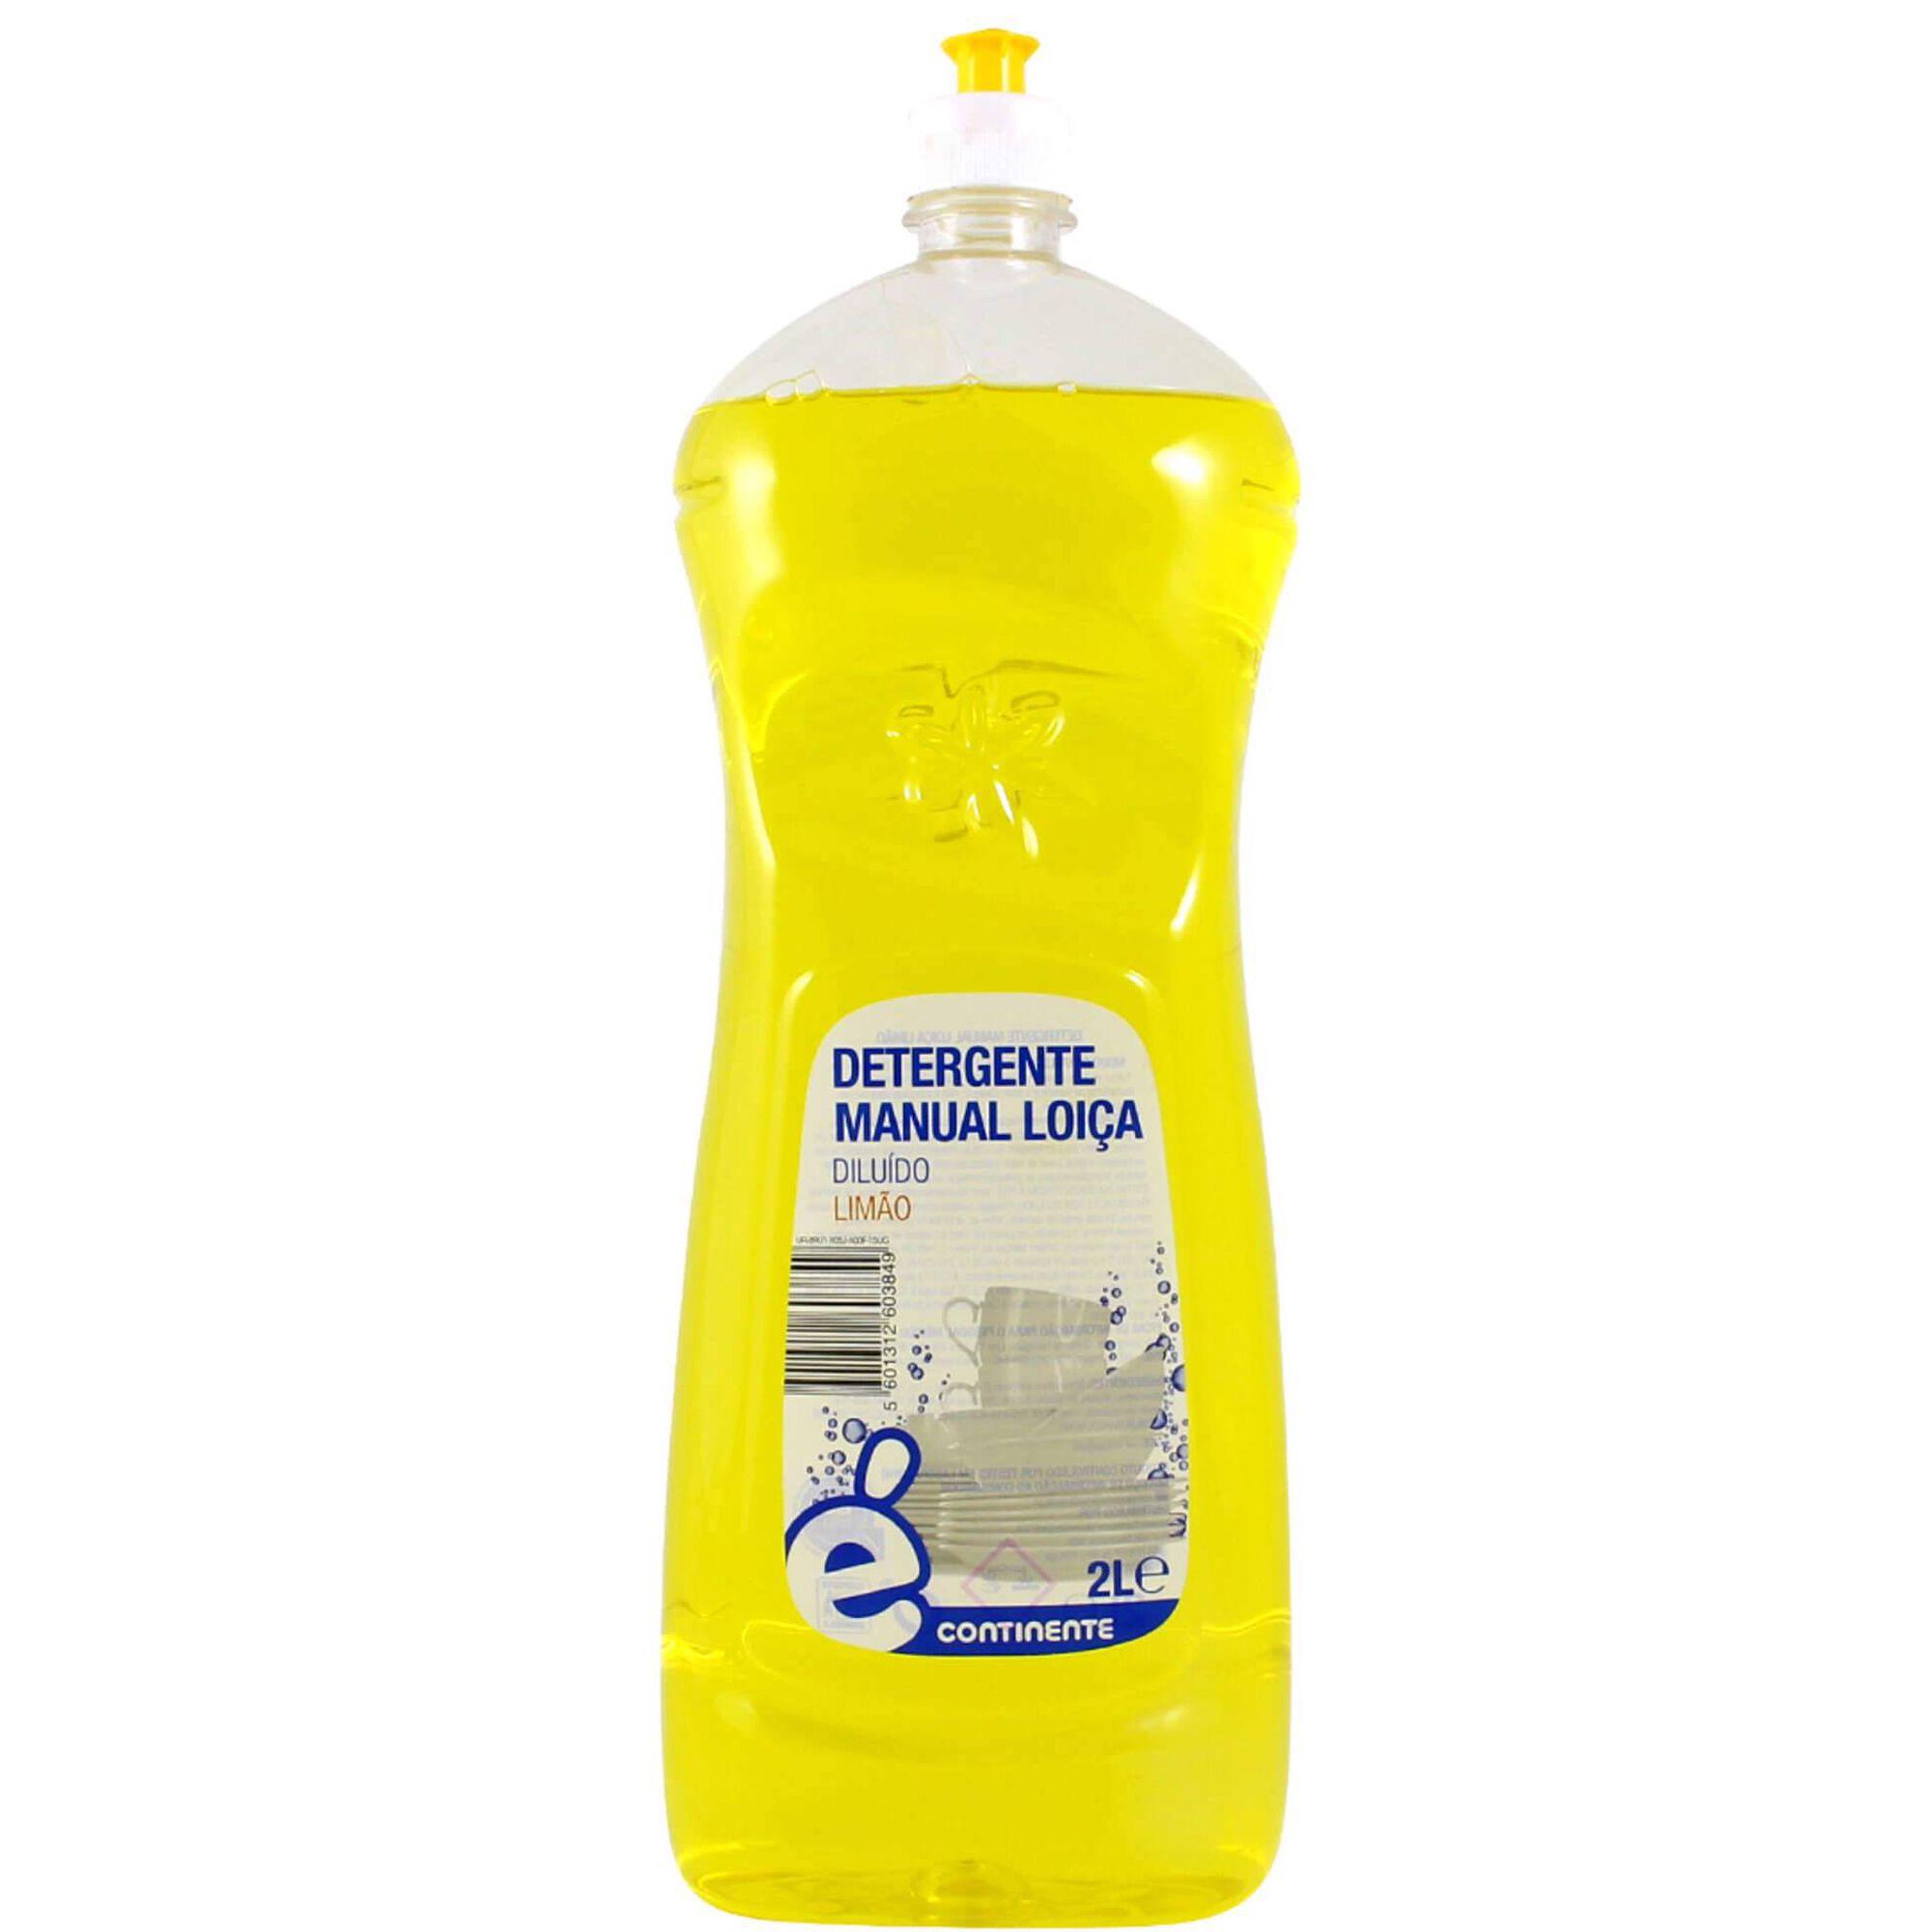 Detergente Manual Loiça Limão